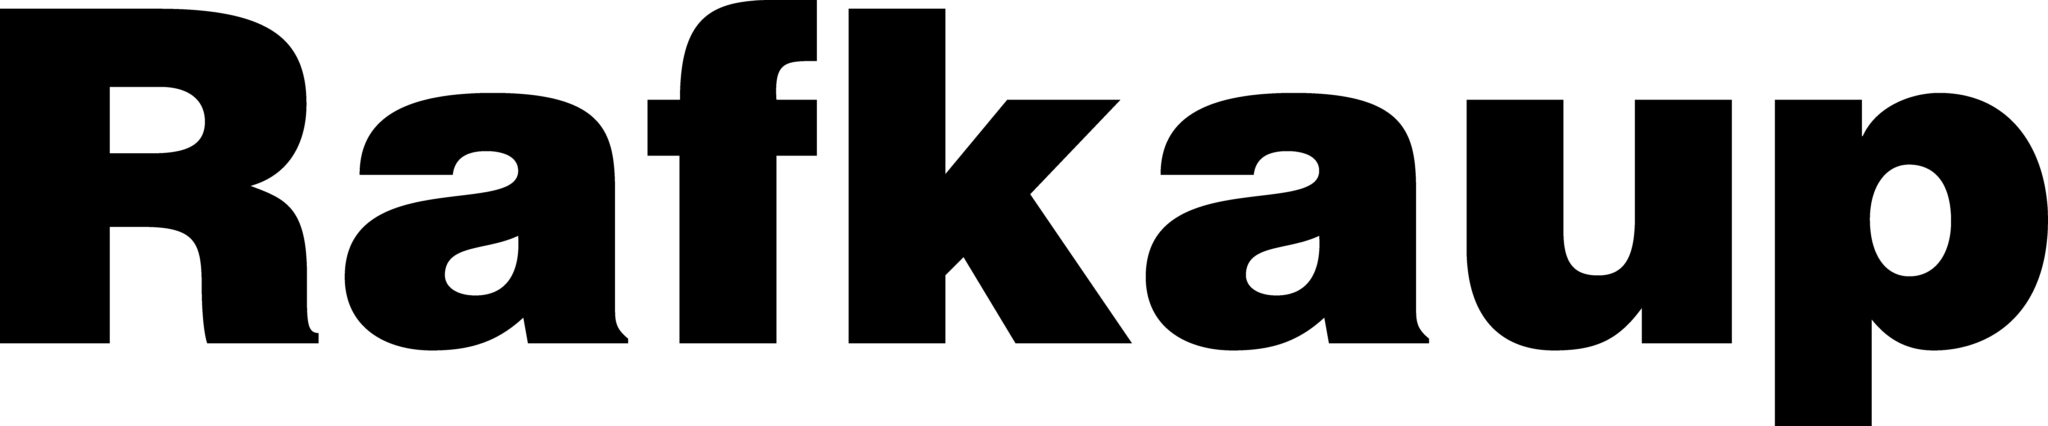 Rafkaup